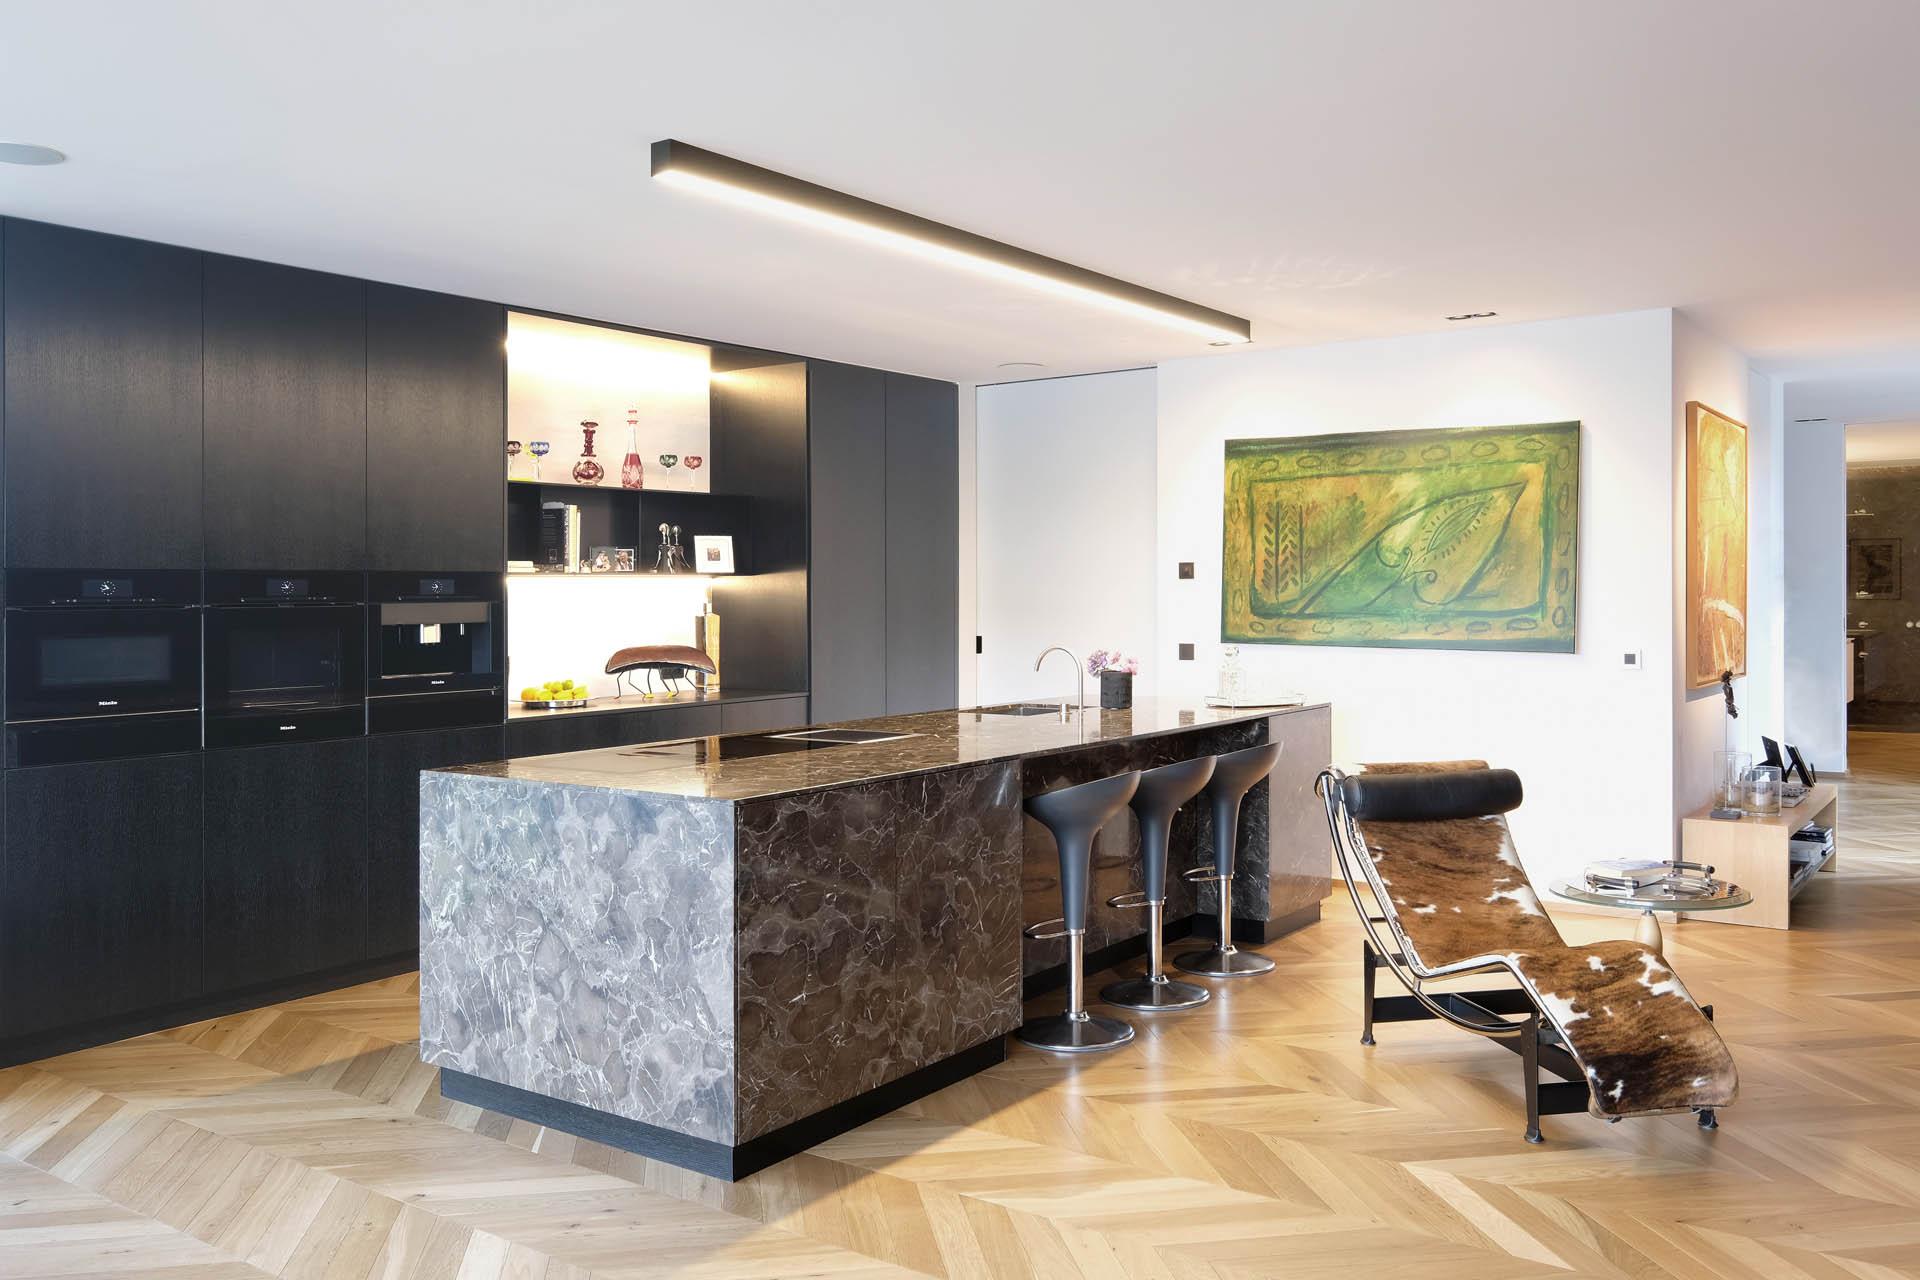 Moderner Küchenblock veredelt mit braunem Marmor